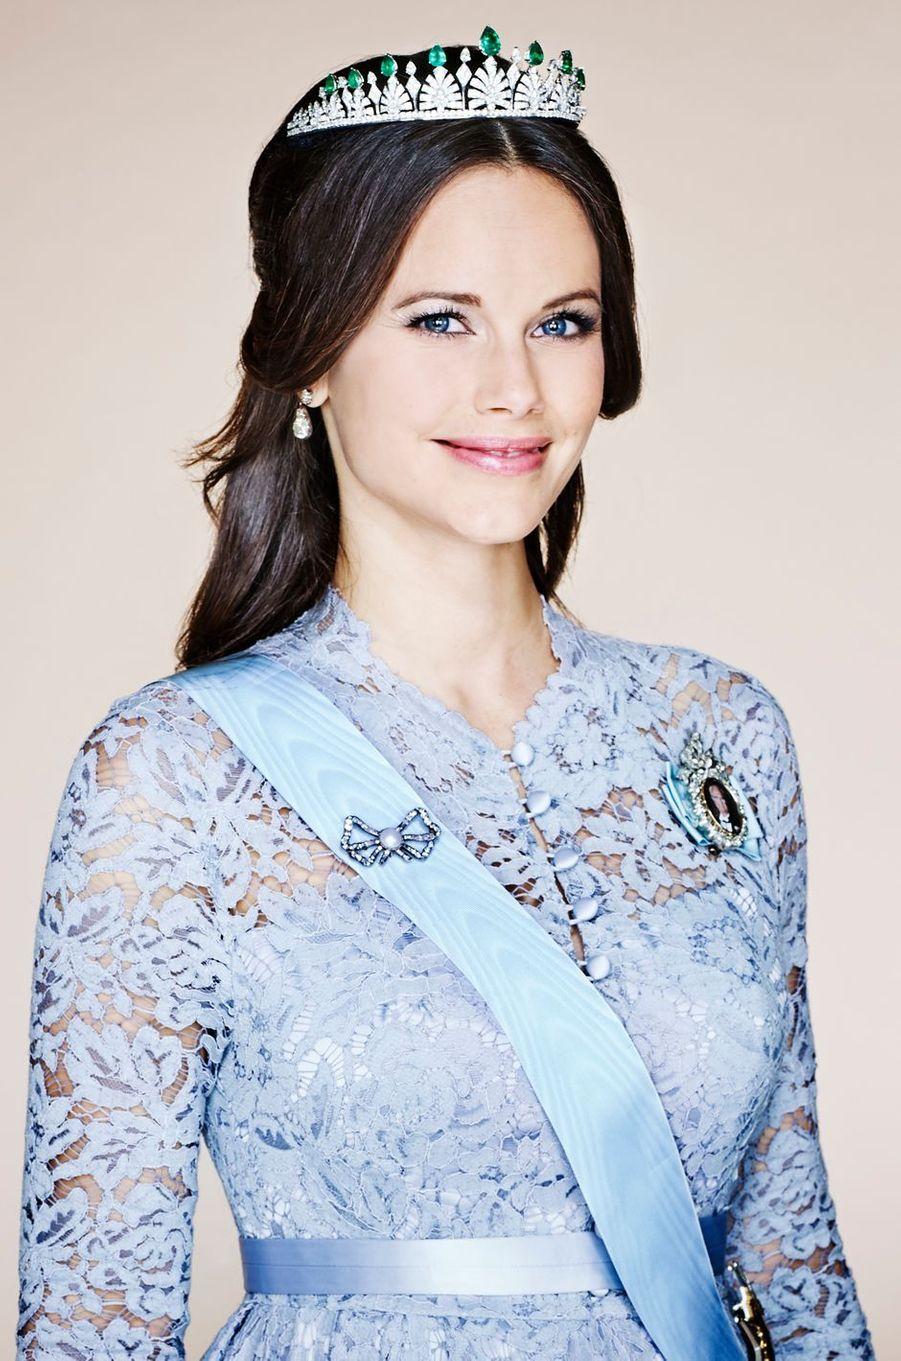 Photo officielle de la princesse Sofia de Suède diffusée par le Palais royal en janvier 2016